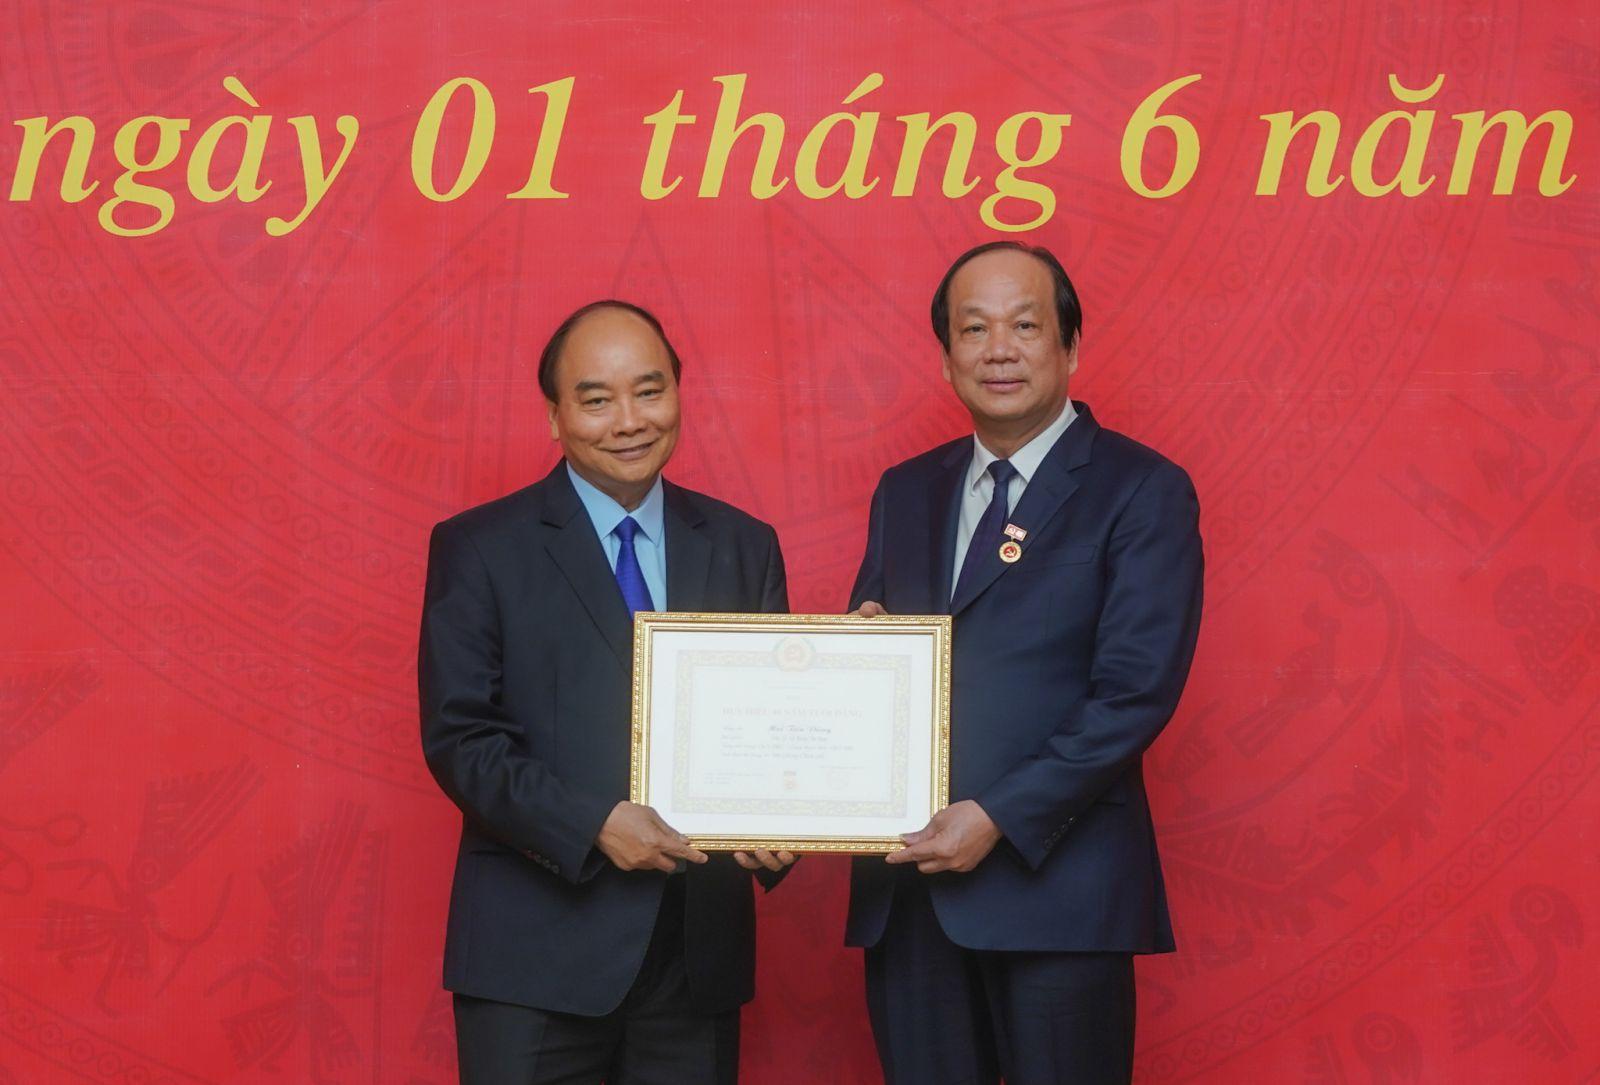 Thủ tướng Nguyễn Xuân Phúc trao Huy hiệu 40 năm tuổi Đảng cho đồng chí Mai Tiến Dũng, Bí thư Đảng ủy, Bộ trưởng, Chủ nhiệm VPCP - Ảnh: VGP/Quang Hiếu